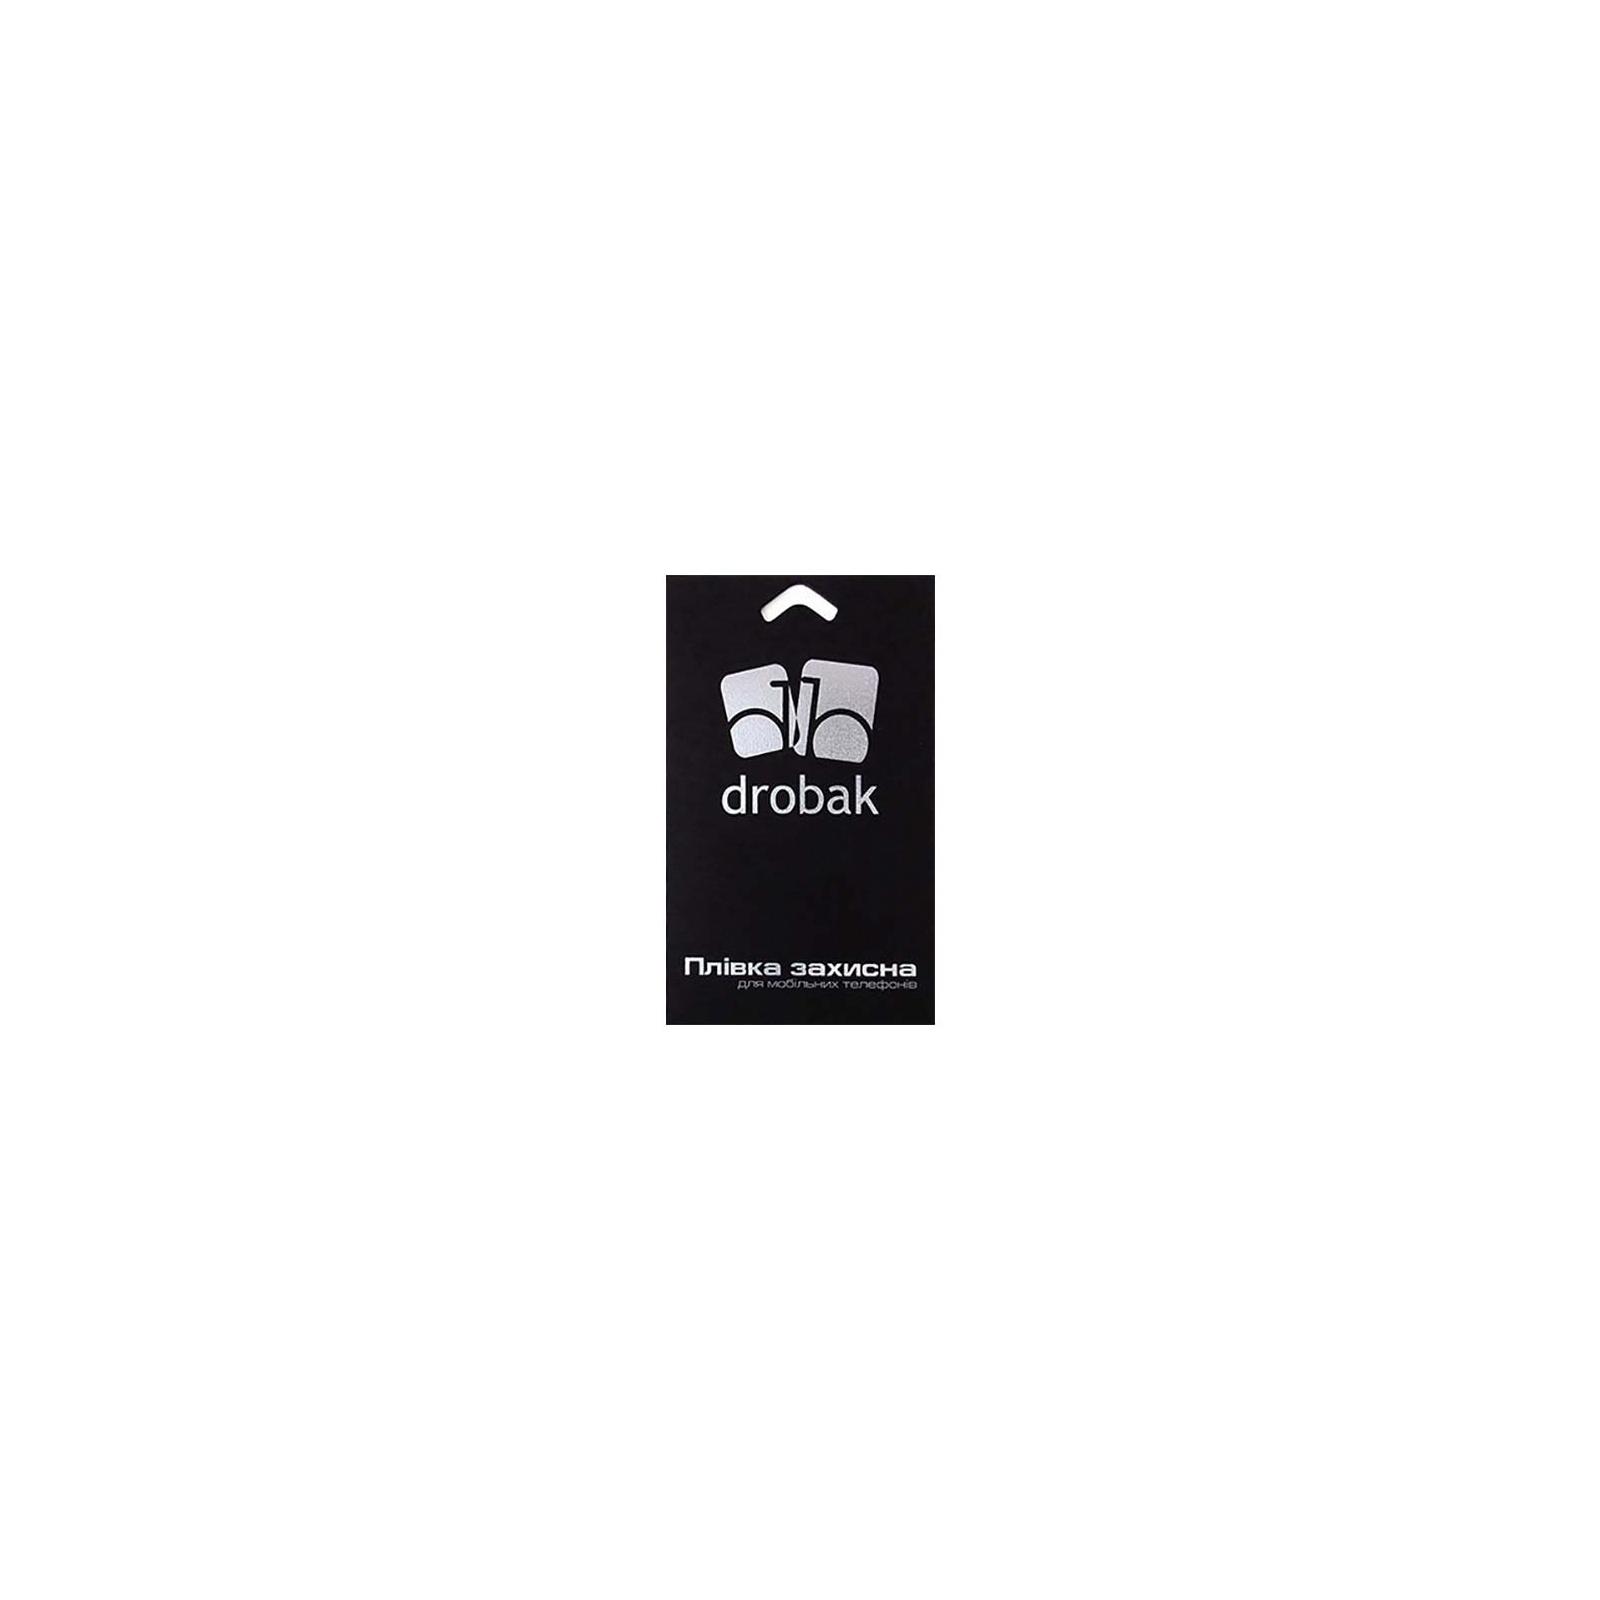 Пленка защитная Drobak для LG L70 (MS323) (501563)